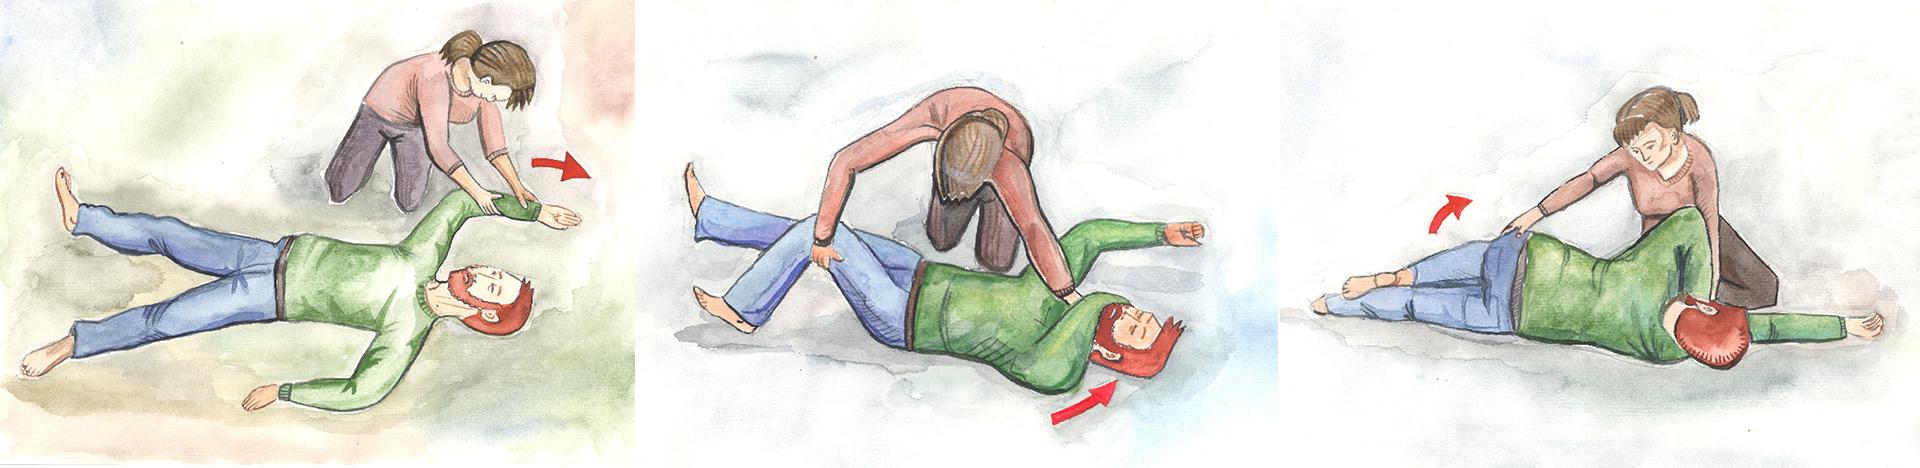 Как правильно повернуть человека без сознания направый бок